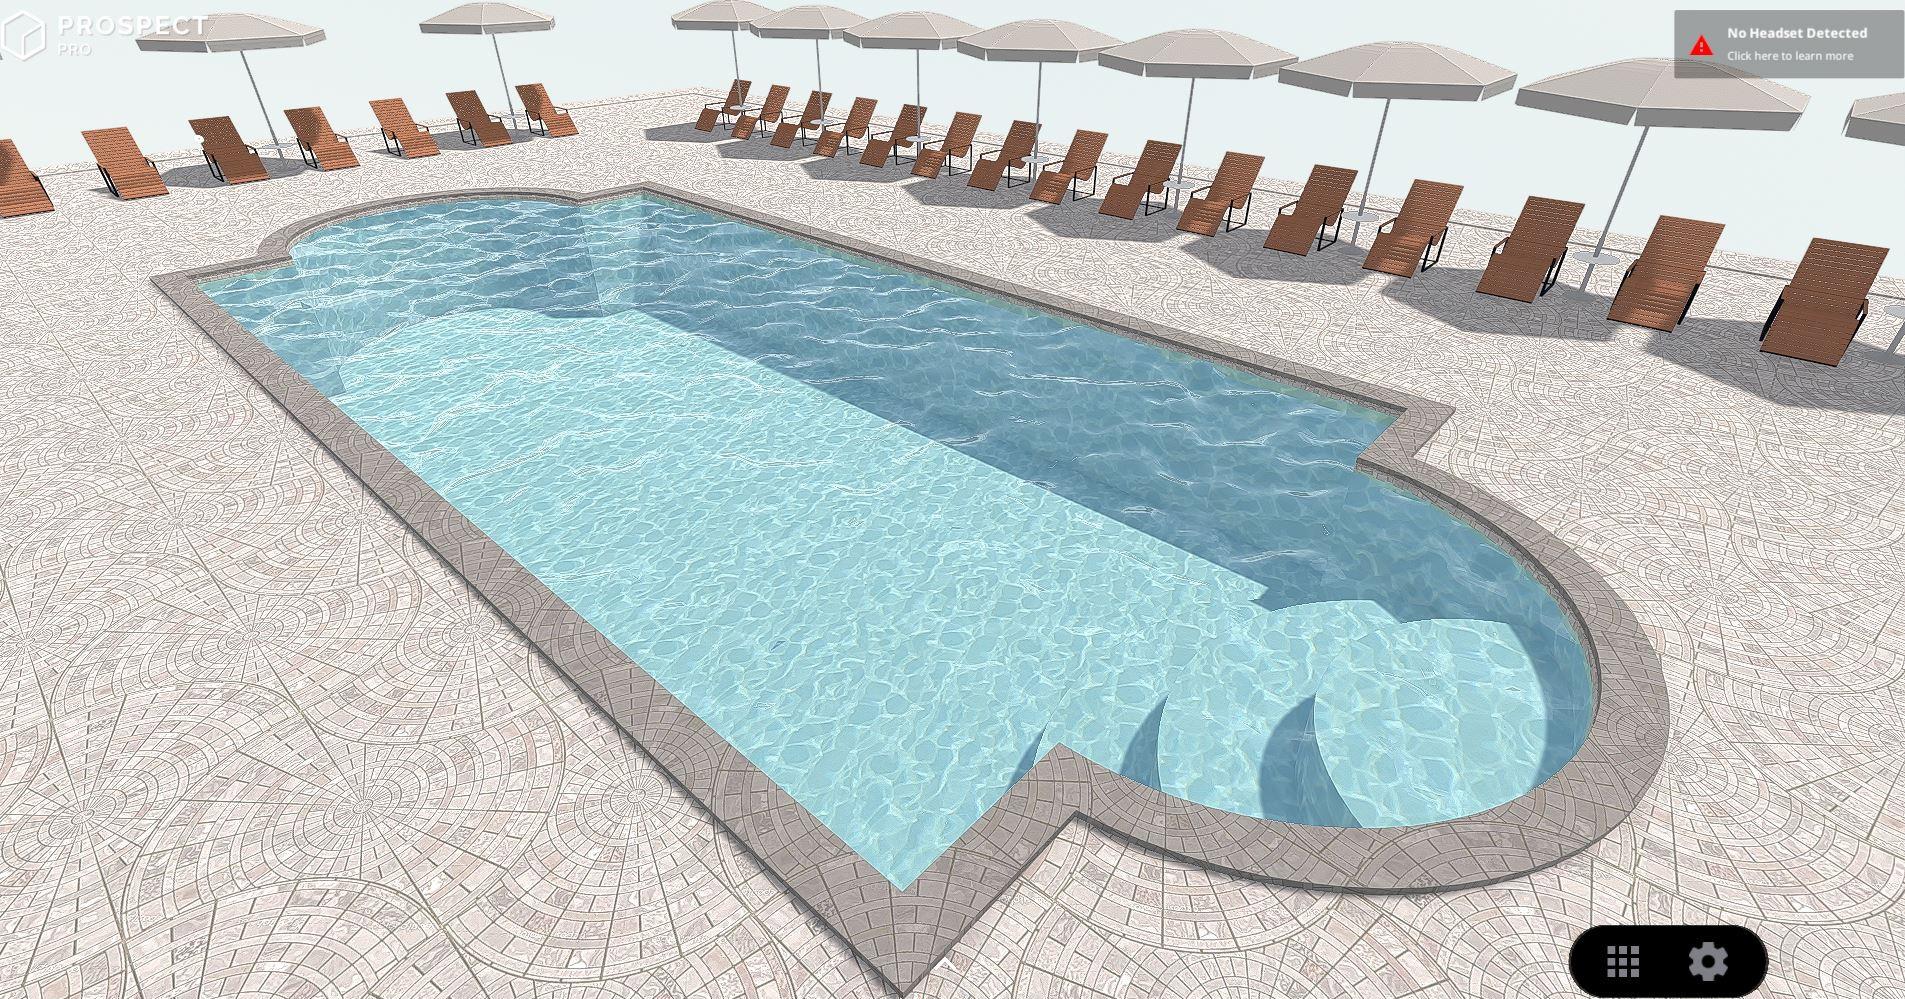 Pool in VR